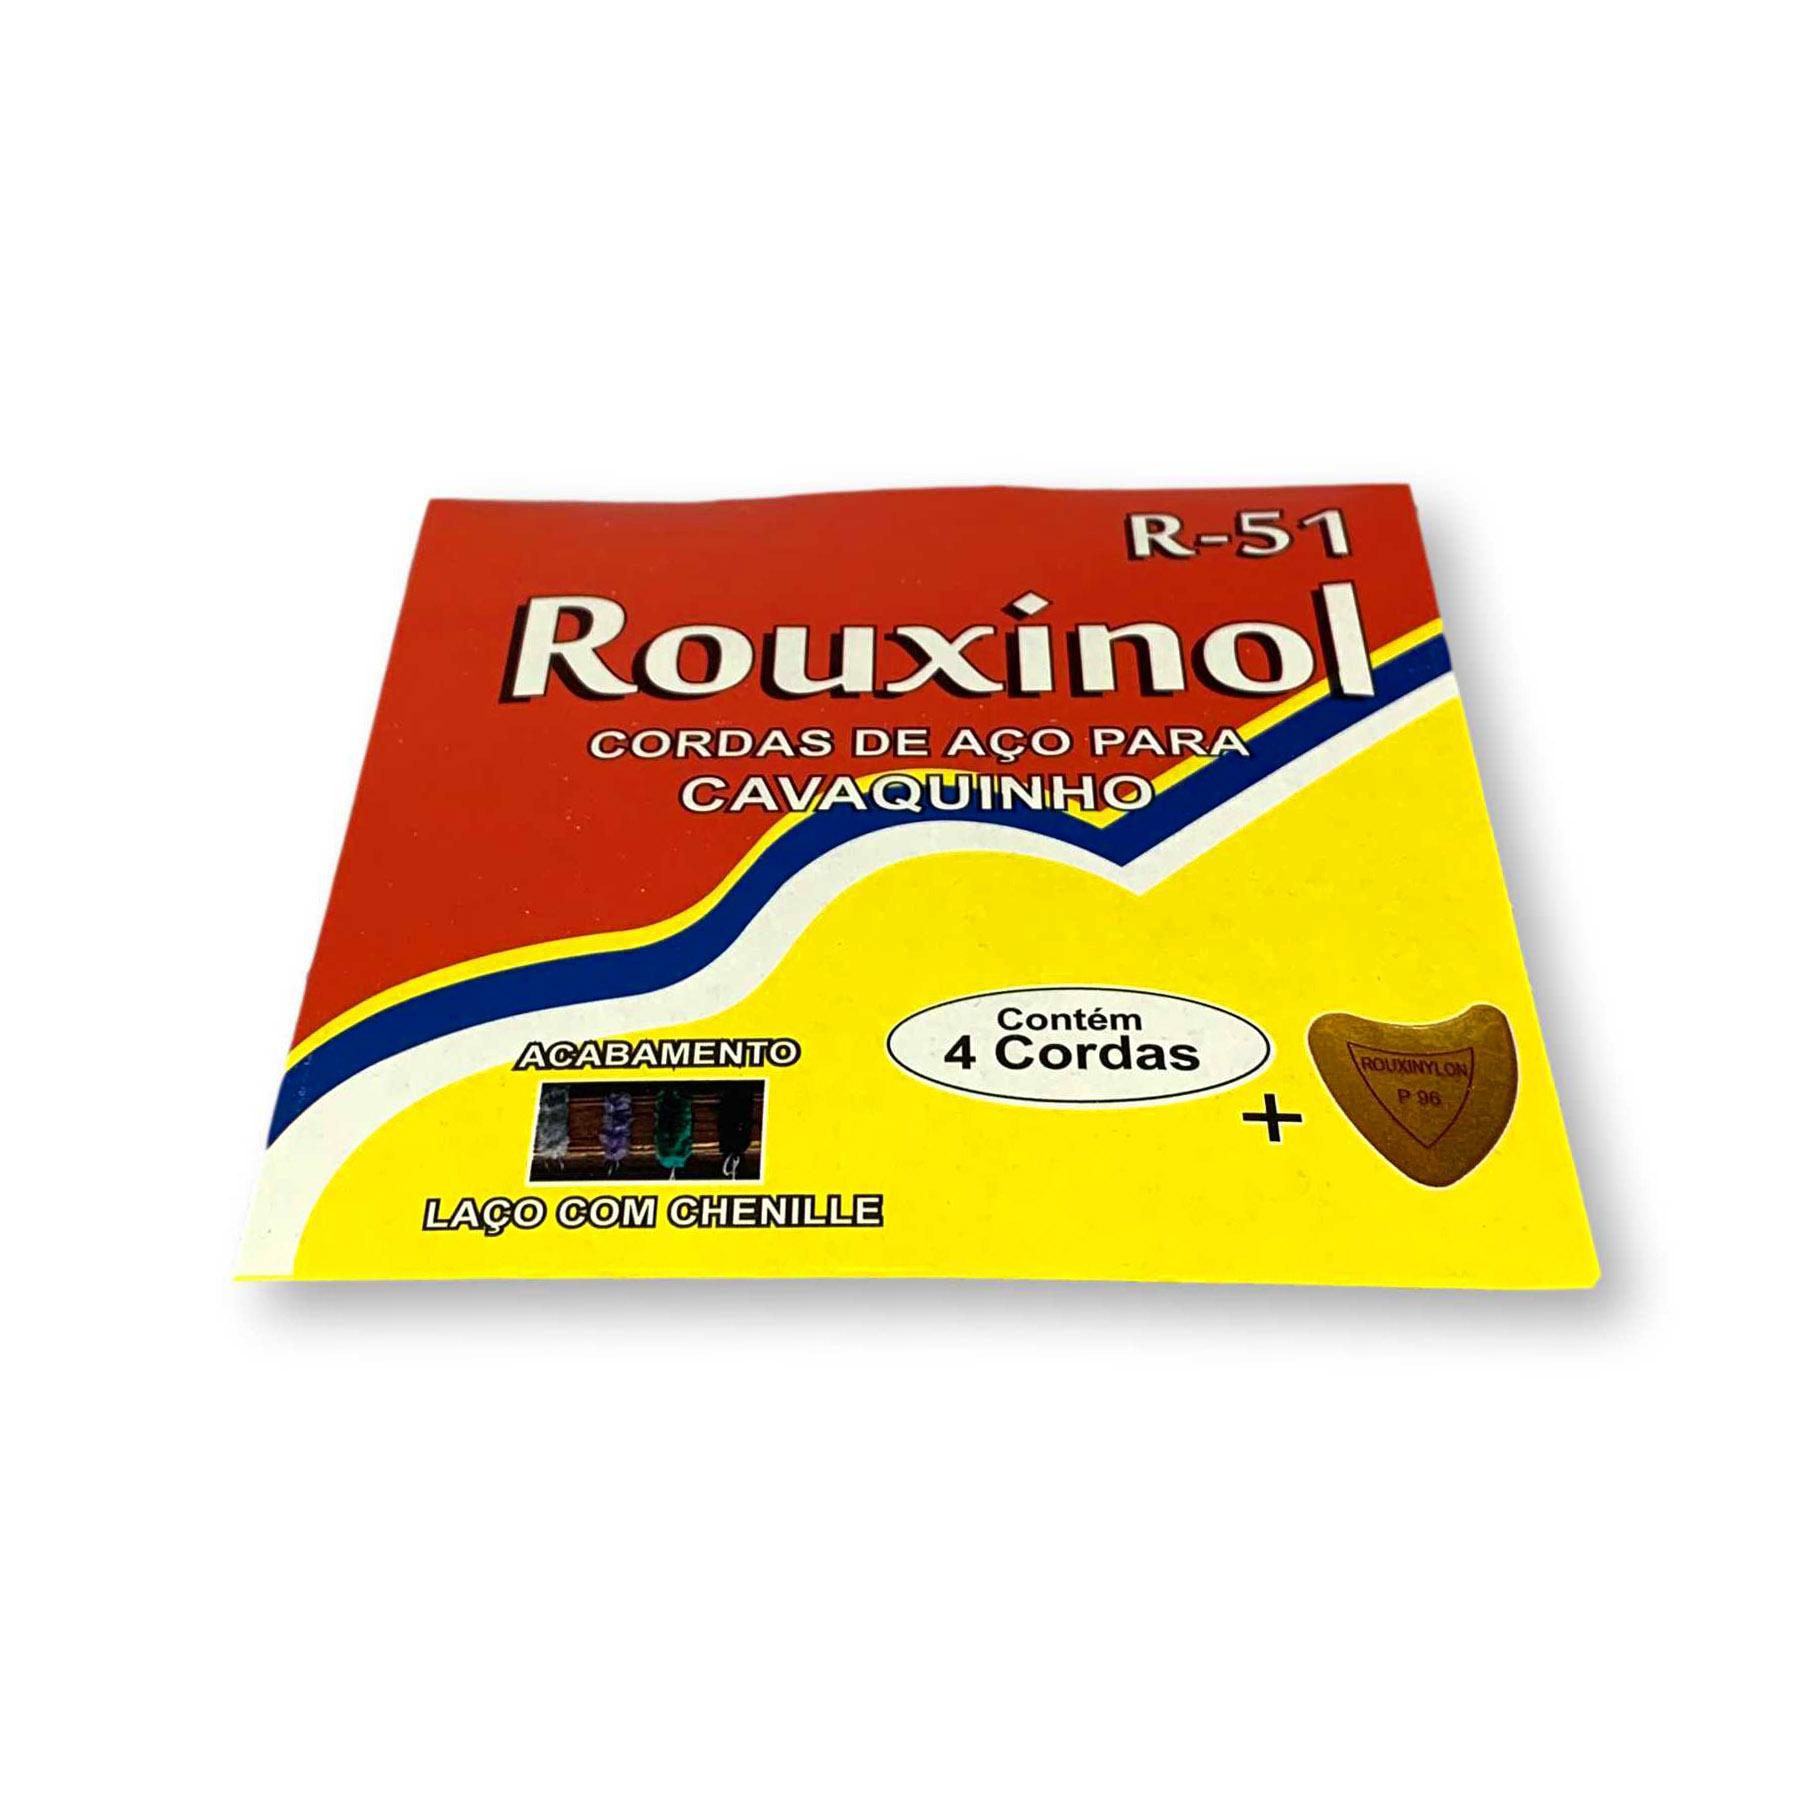 Encordoamento Cavaquinho Rouxinol R51